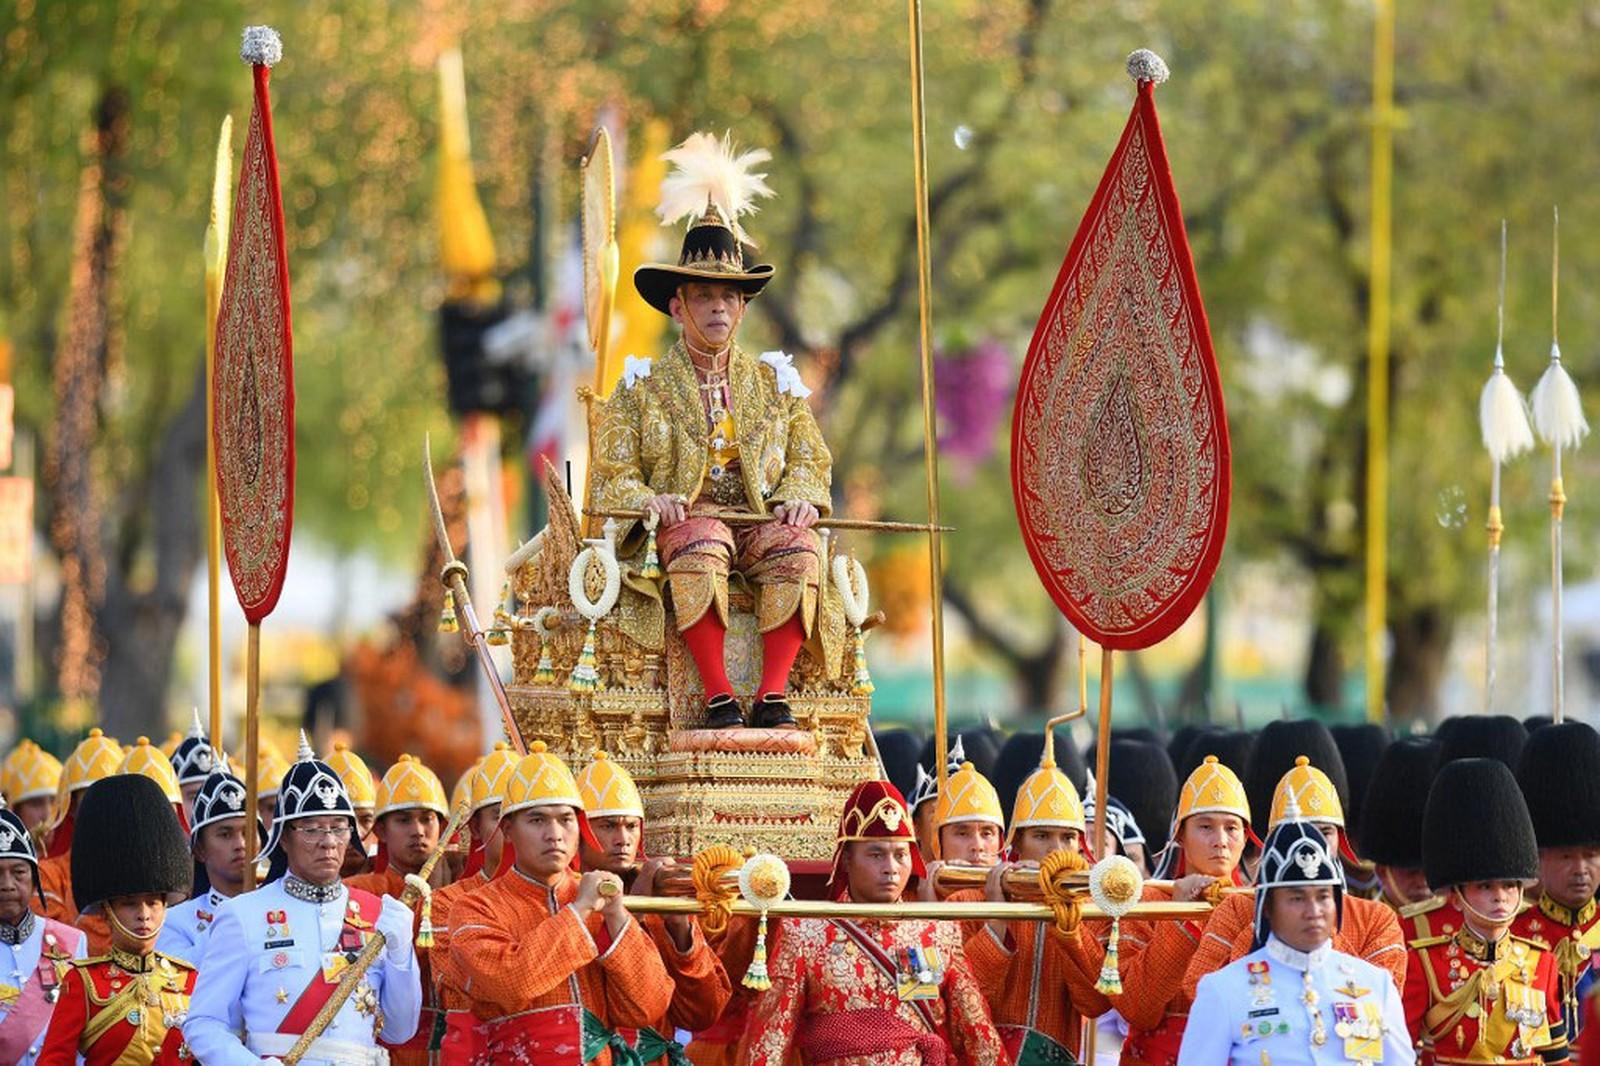 Rei da Tailândia demite guardas reais por 'adultério'